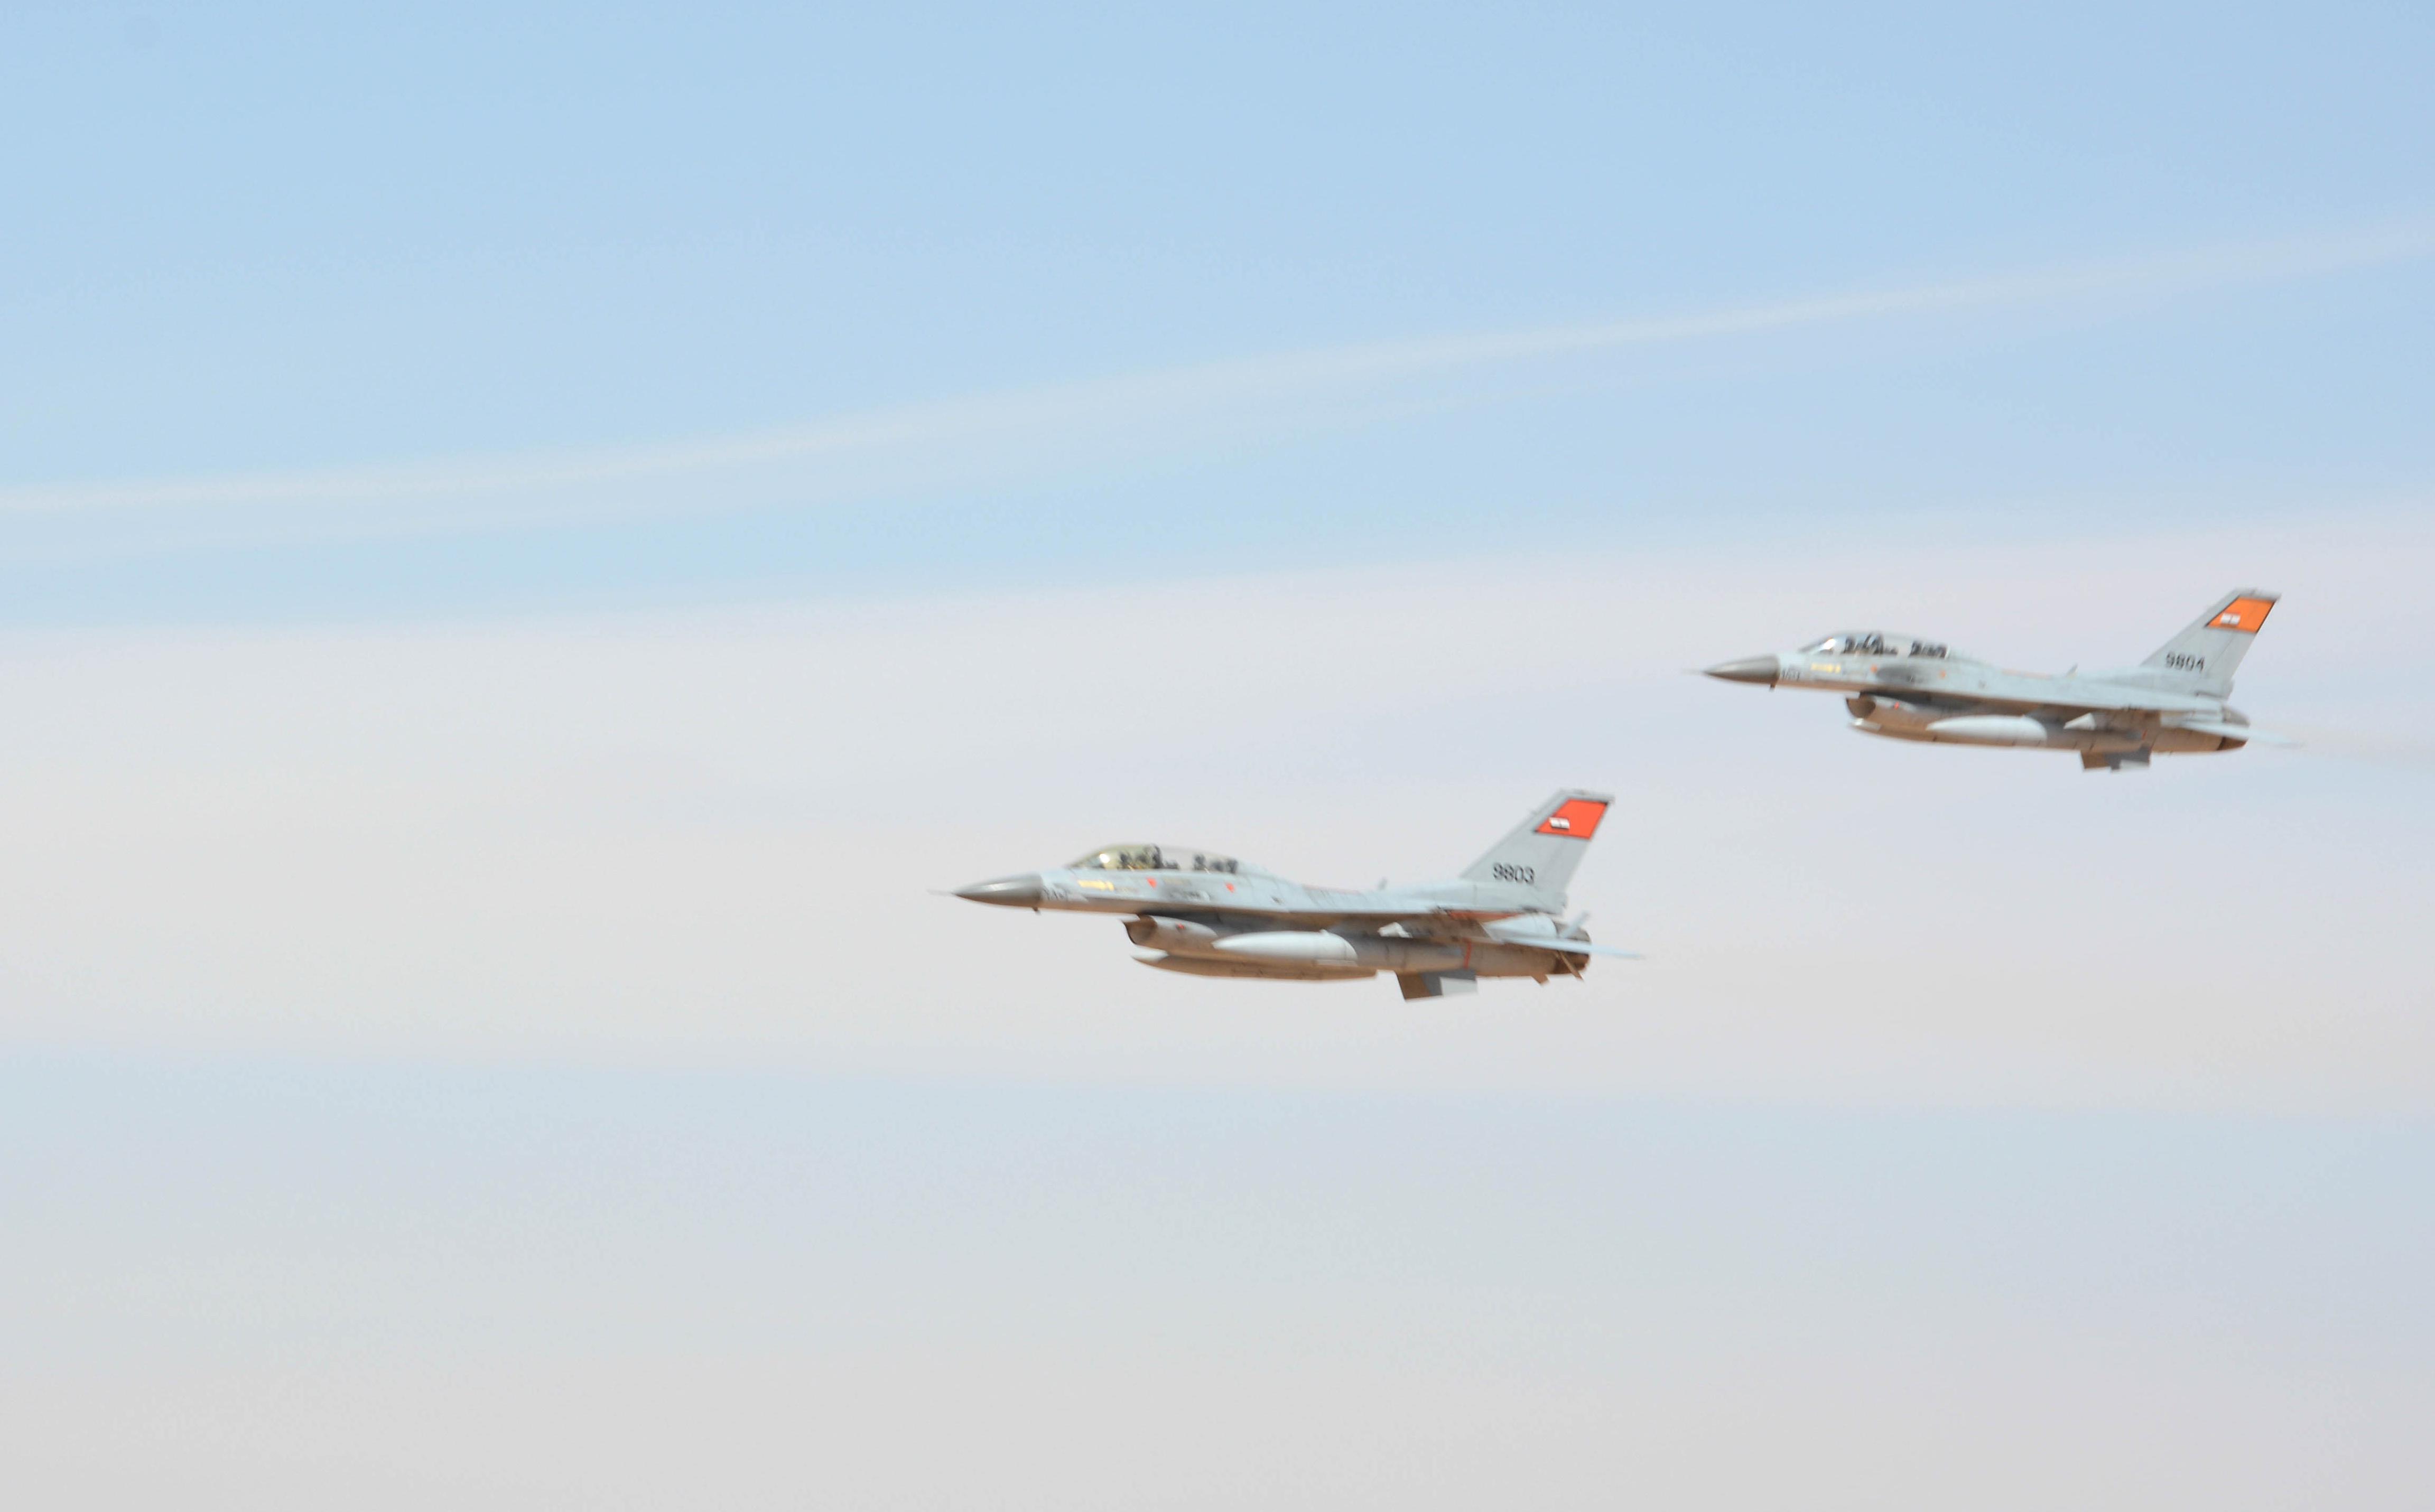 البيان الثاني للقوات المسلحة بشأن عملية سيناء 2018 والاسلحة التي ظهرت في العملية 3